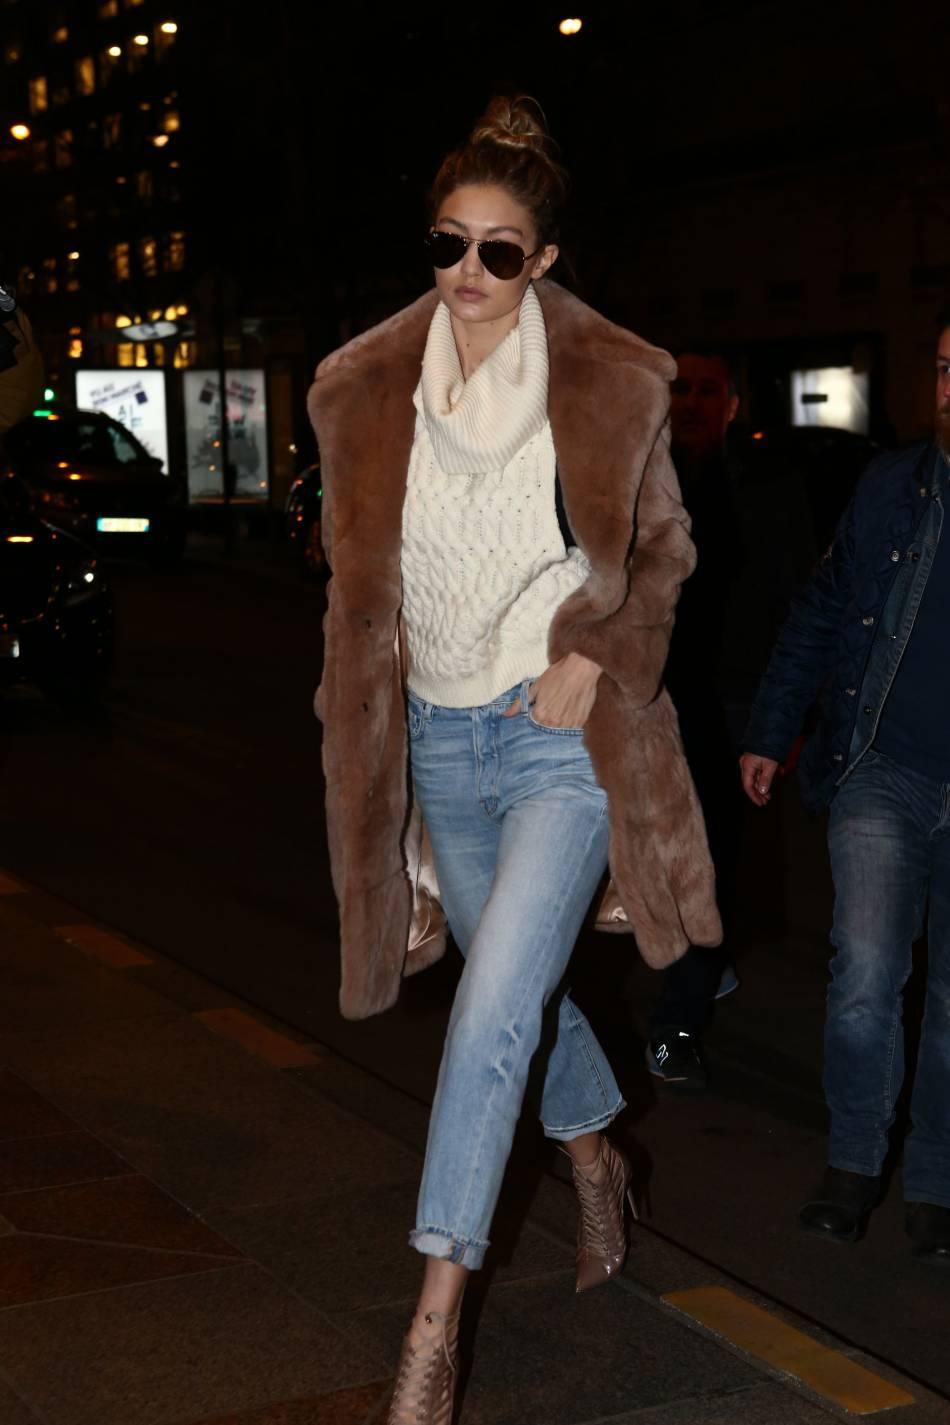 En plus d'être un supermodel, la jeune femme est considérée comme une it girl pour son sens du style pointu.